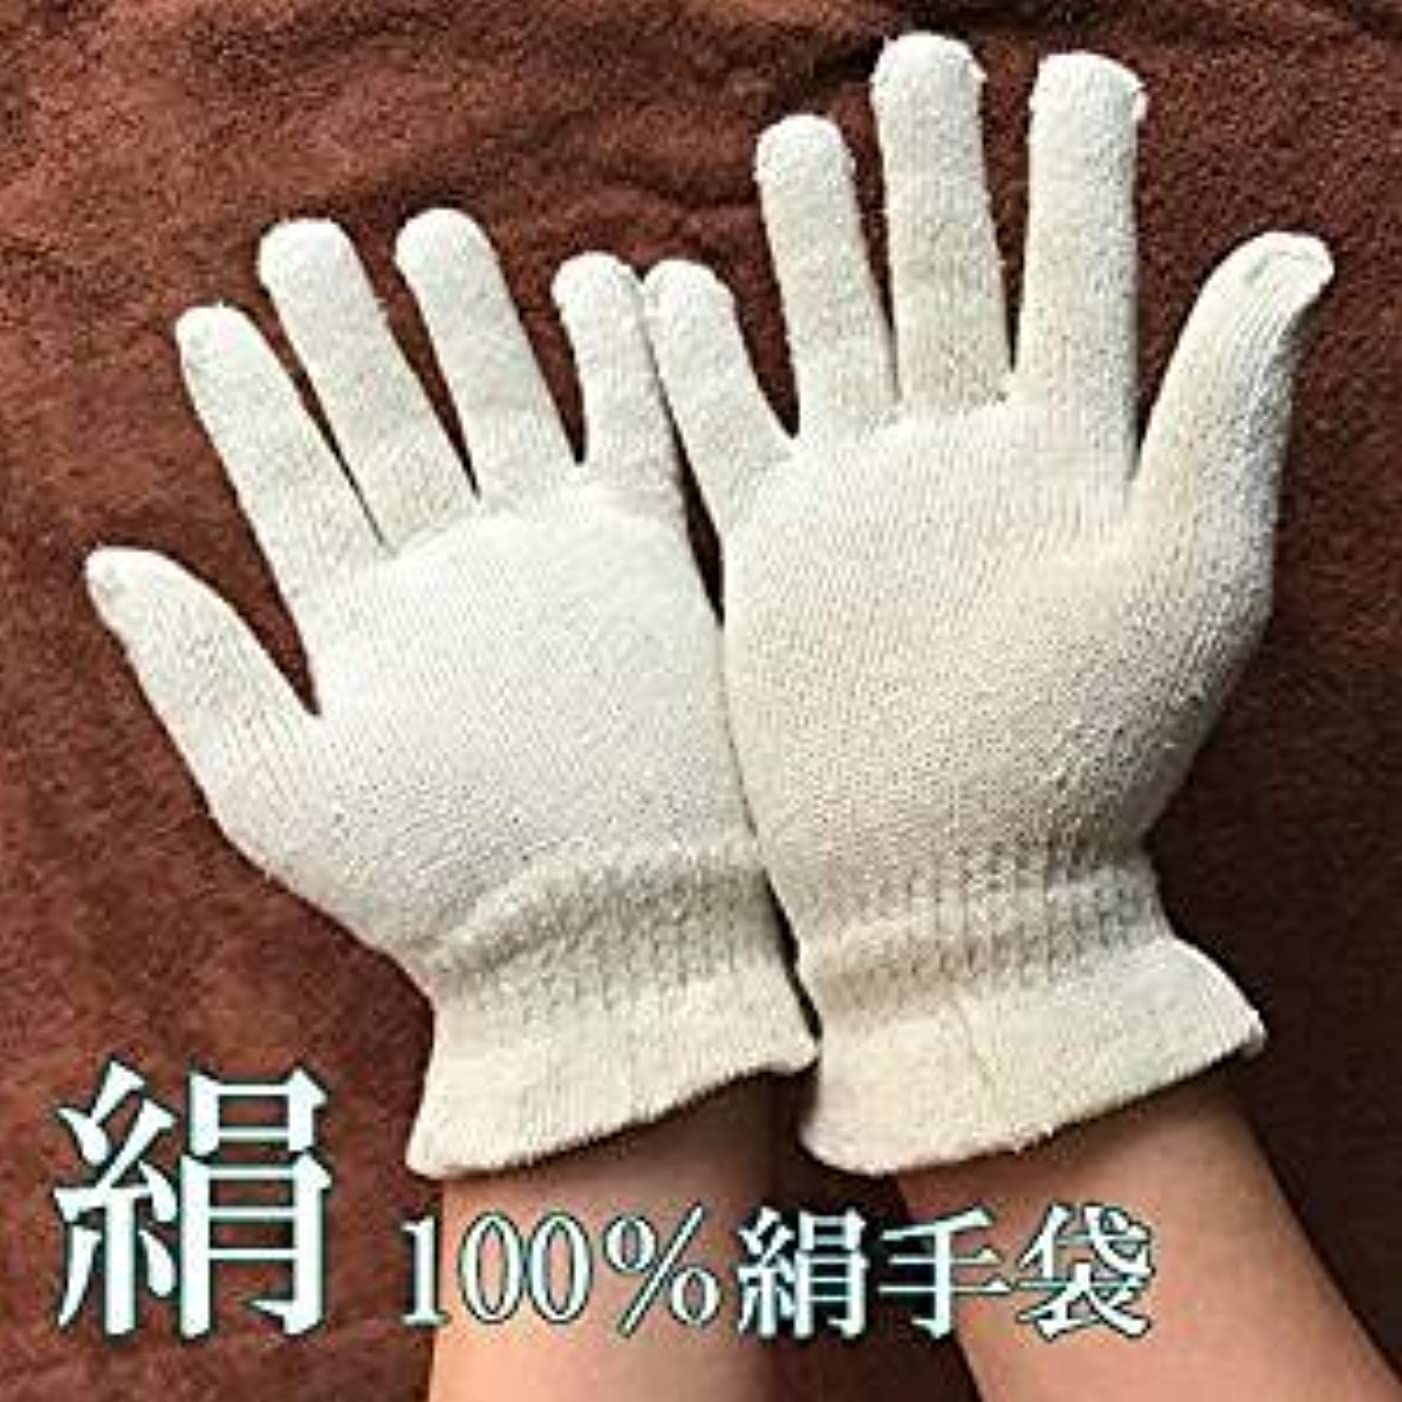 チャネルアートお祝い絹手袋2枚セット【ガルシャナ アーユルヴェーダ】カパ体質 おやすみ手袋 丈夫 手荒れケア 絹手袋 シルク手袋